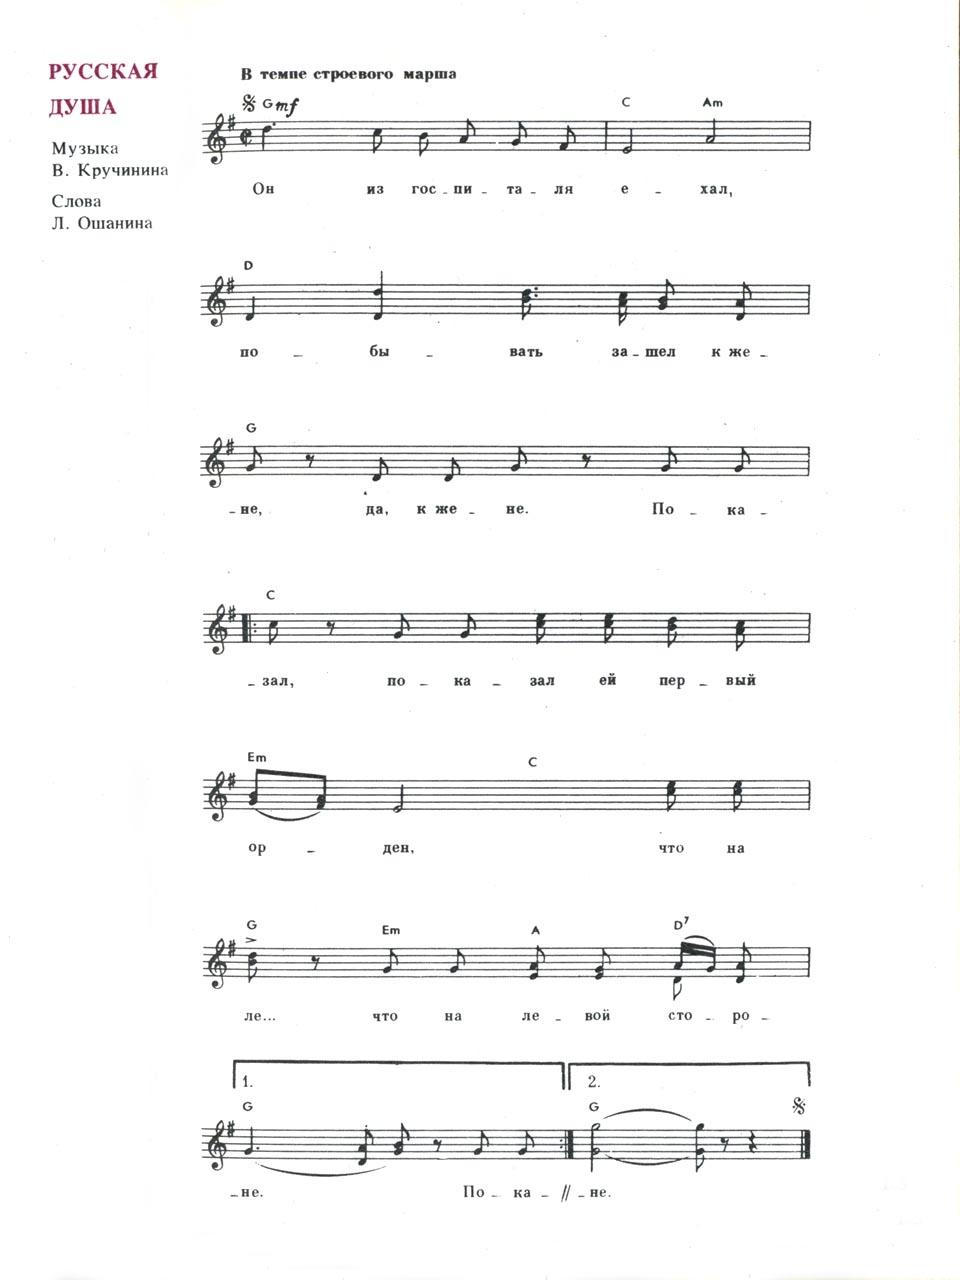 В. Кручинин, Л. Ошанин. Песня «Русская душа». Ноты для голоса и аккорды